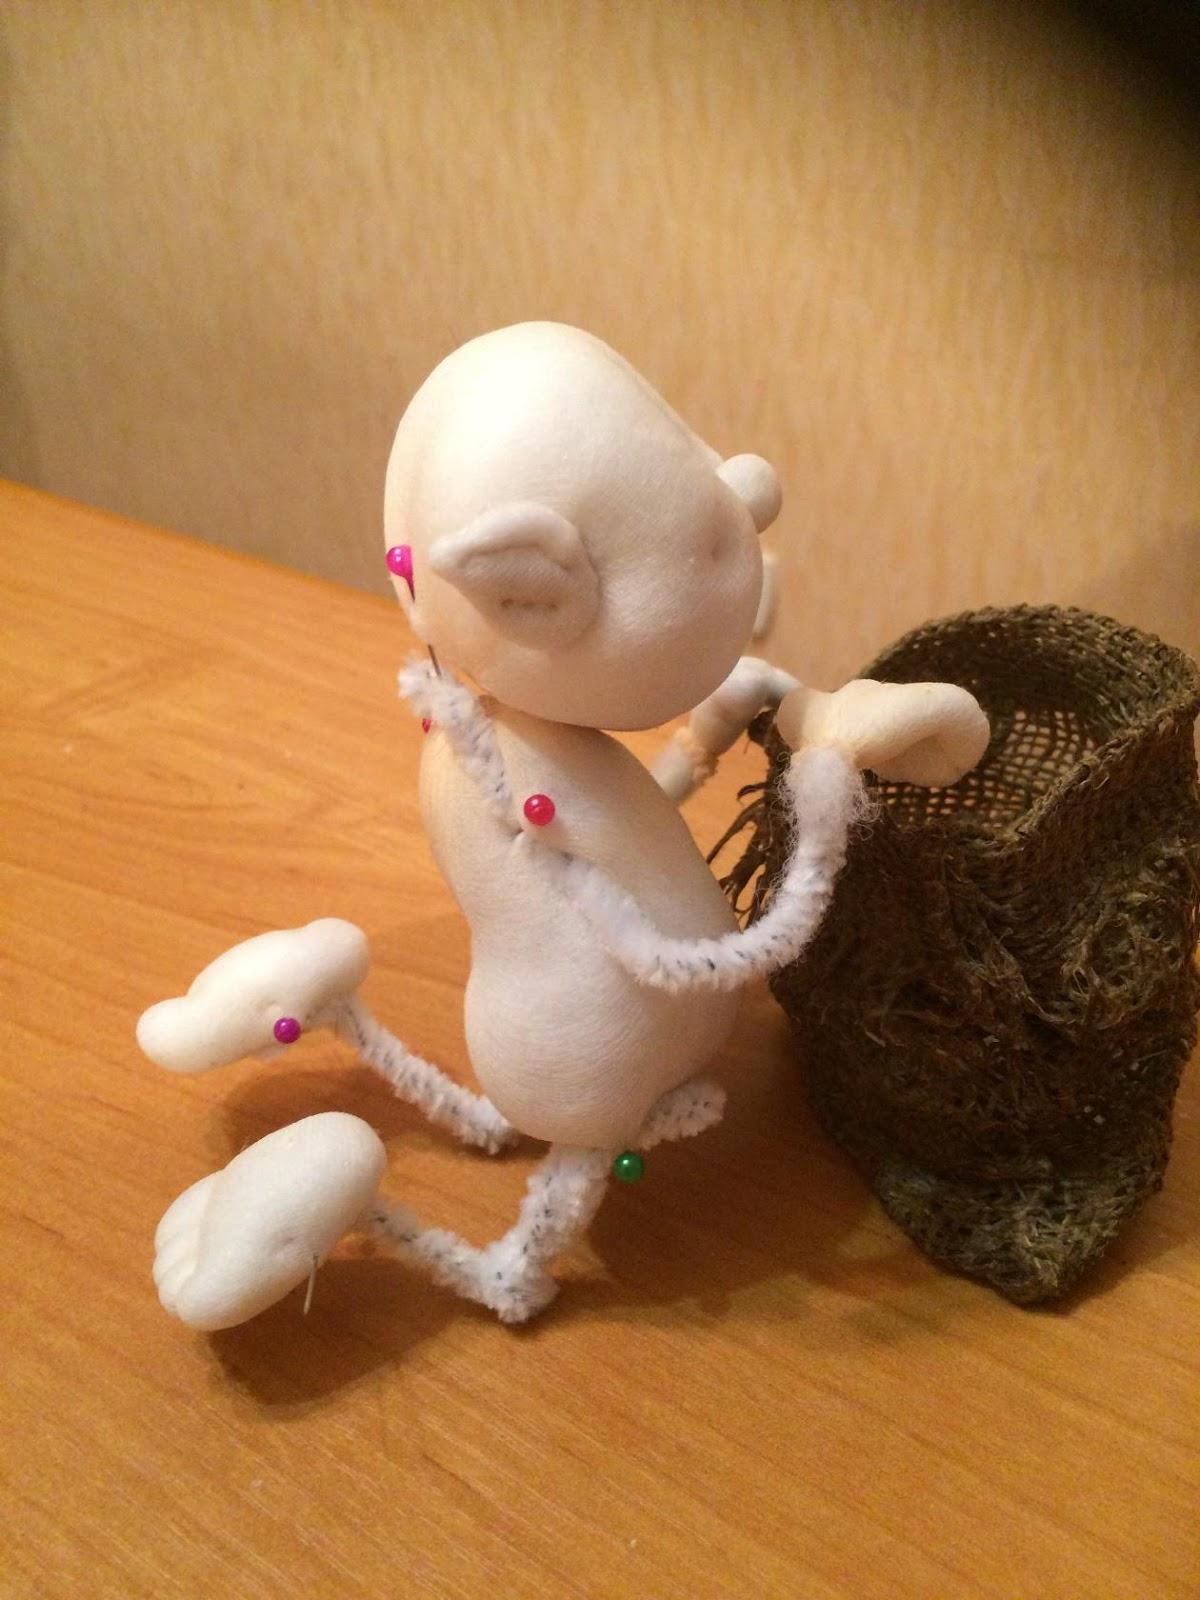 Куклы из капрона елена лаврентьева 60